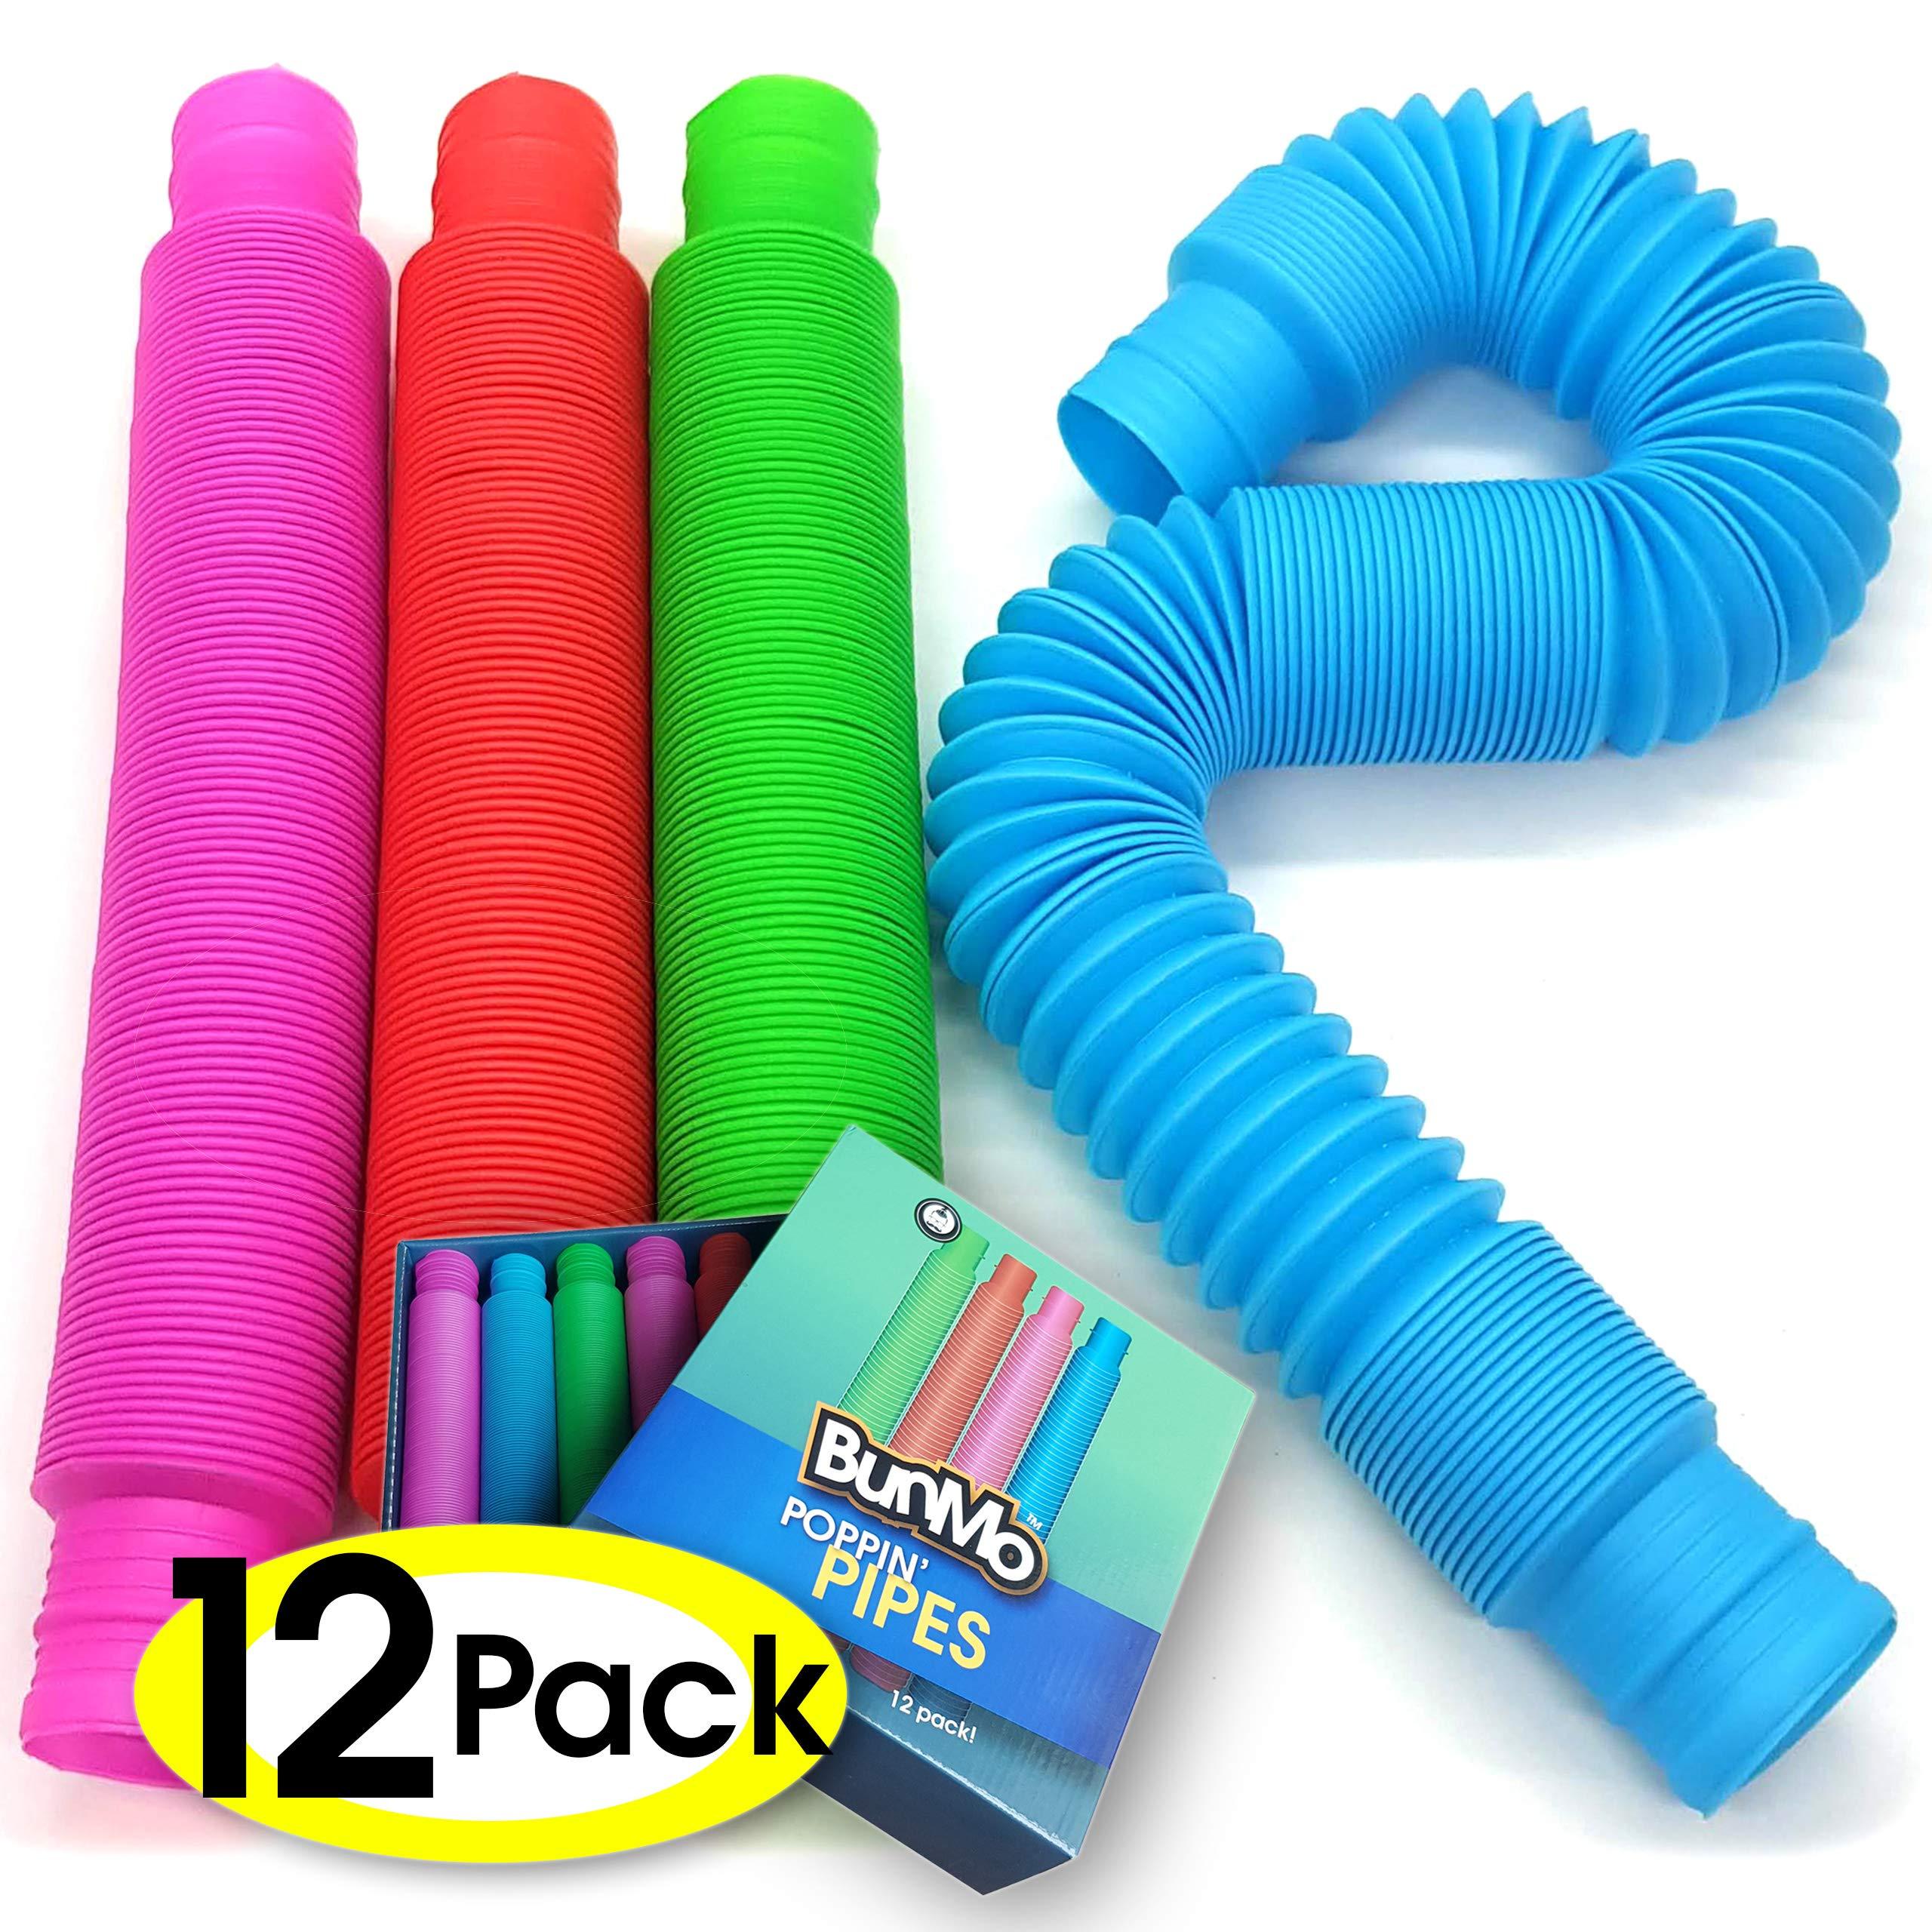 BUNMO Pop Tubes Fidget Toys - 12 Pack